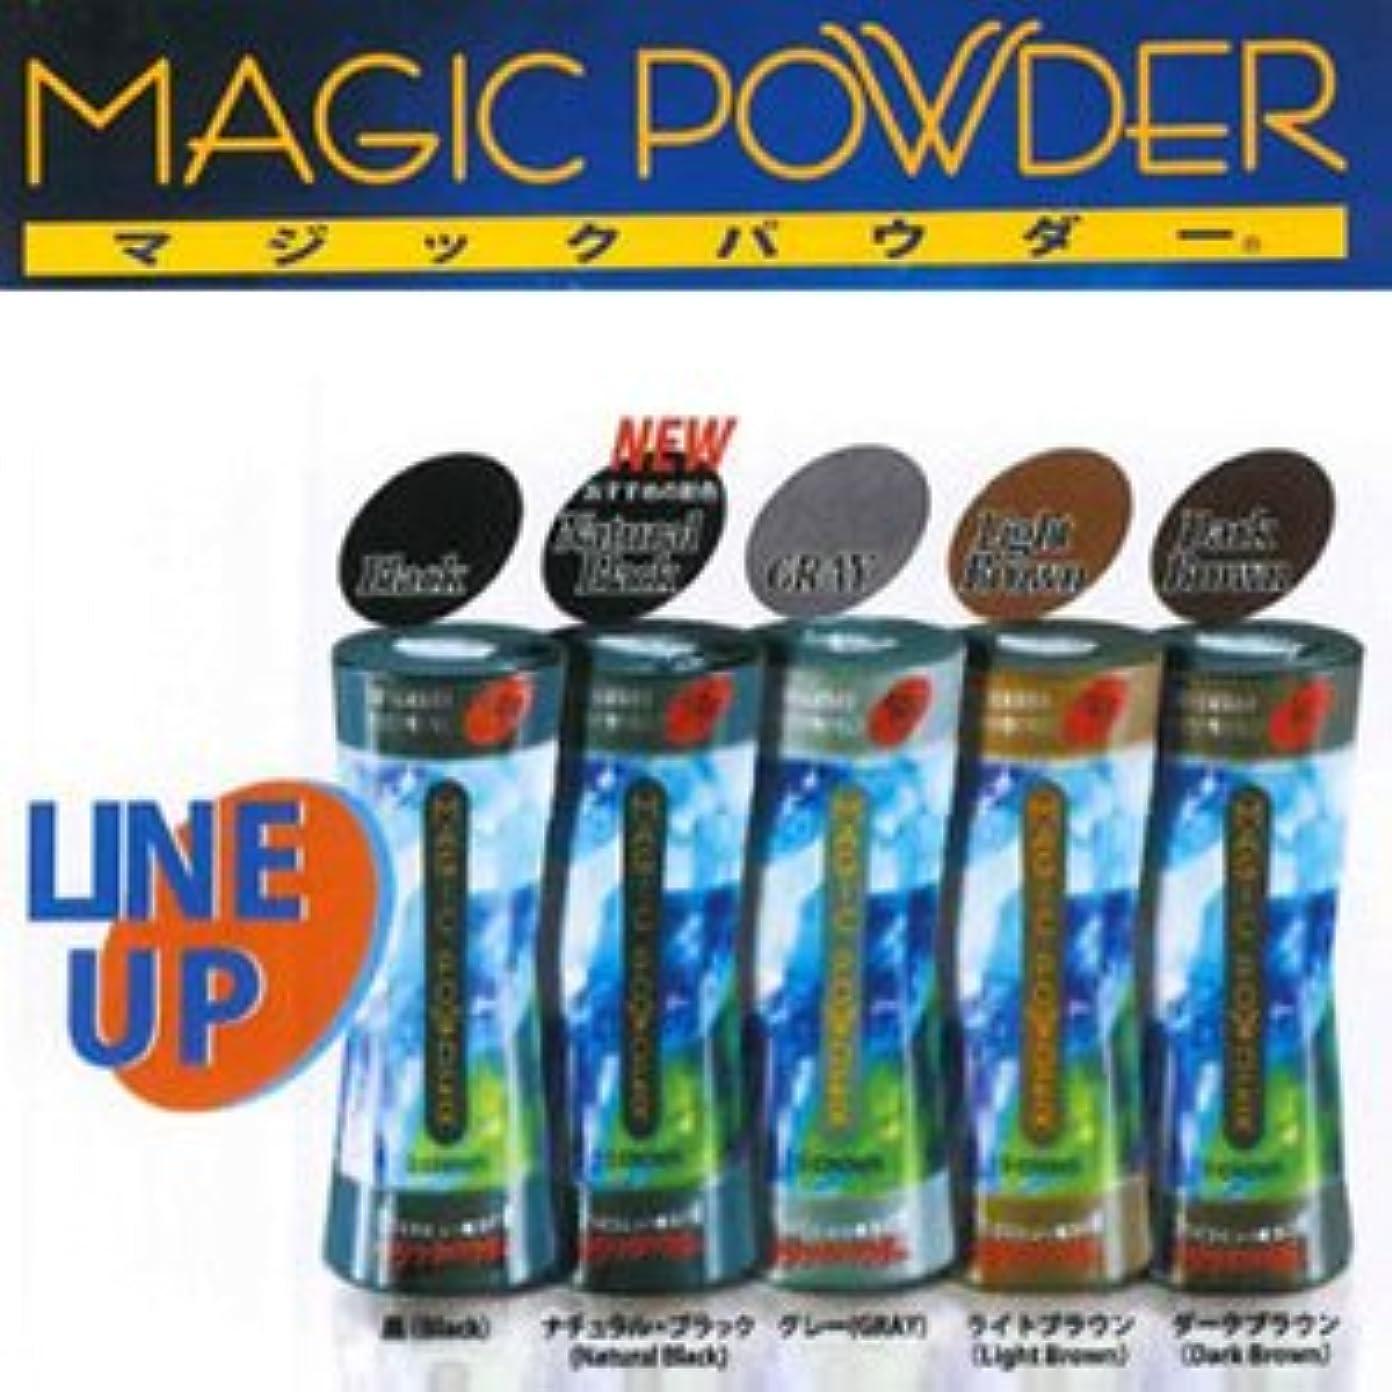 薄暗い心から端MAGIC POWDER マジックパウダー ダークブラウン 50g  2個セット ※貴方の髪を簡単ボリュームアップ!